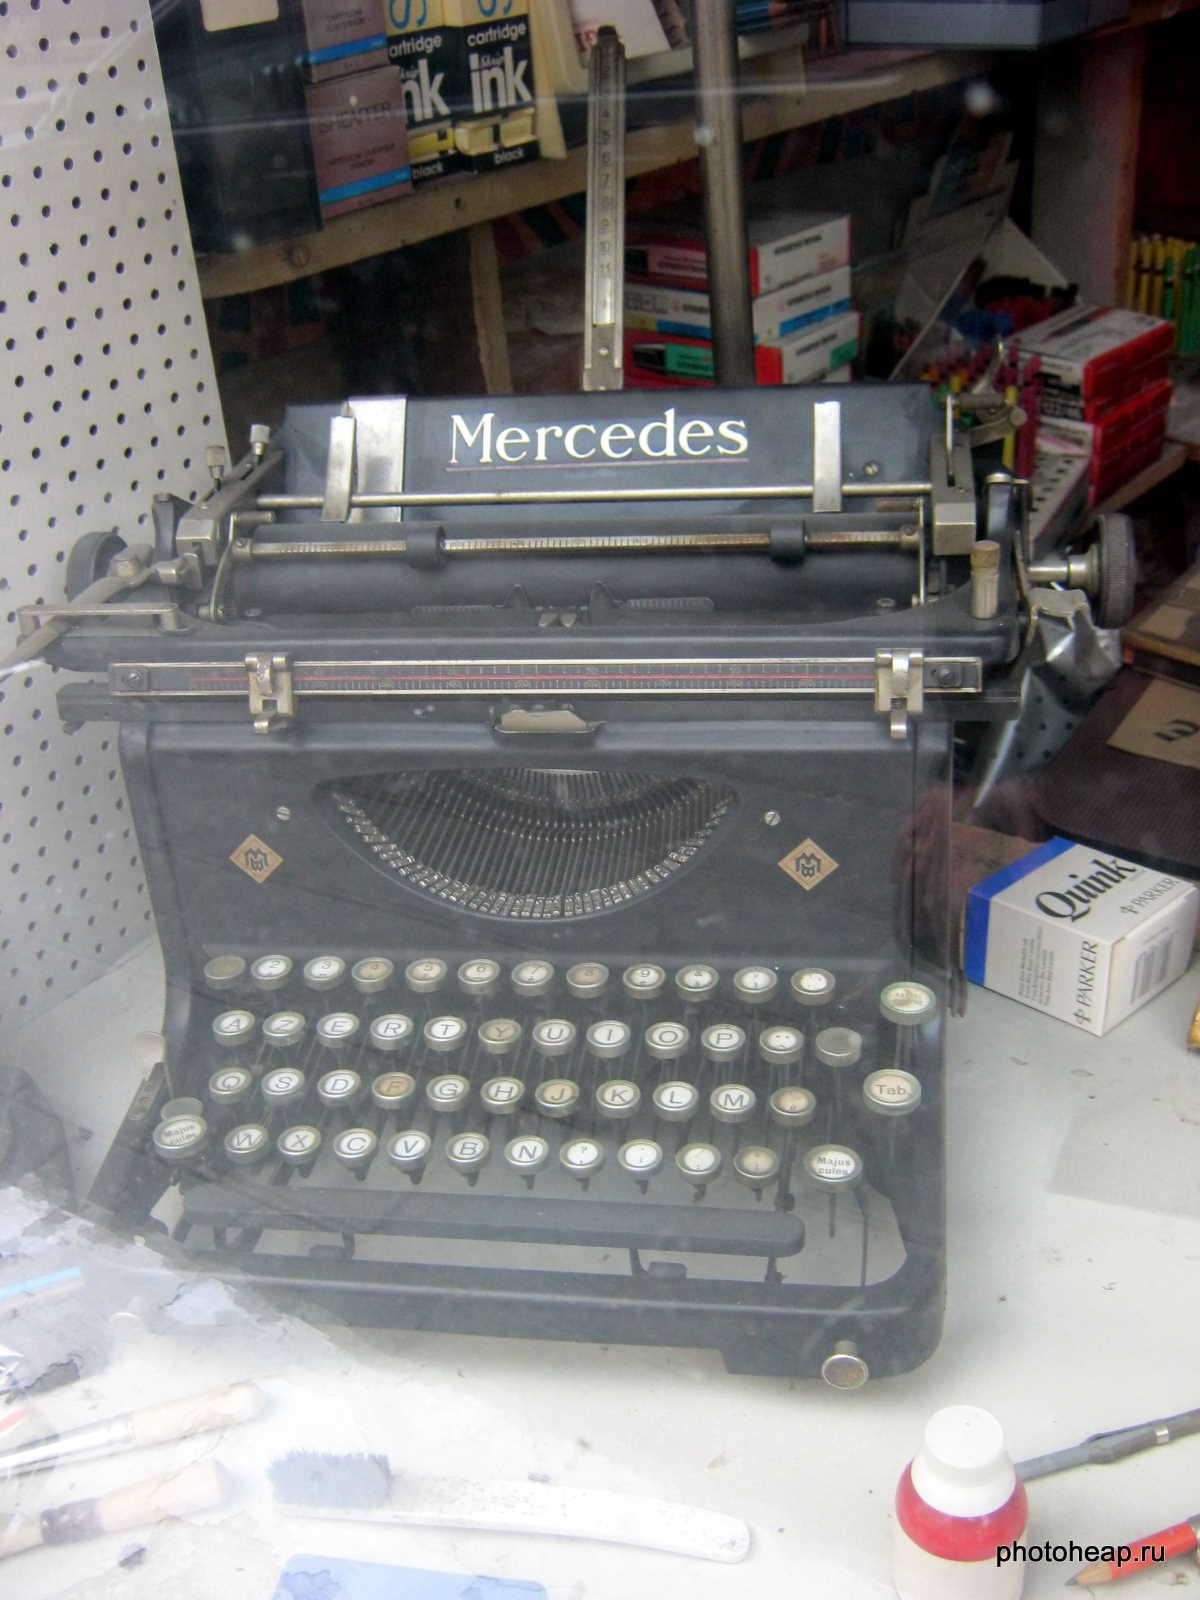 Brussels - Mercedes typewriter